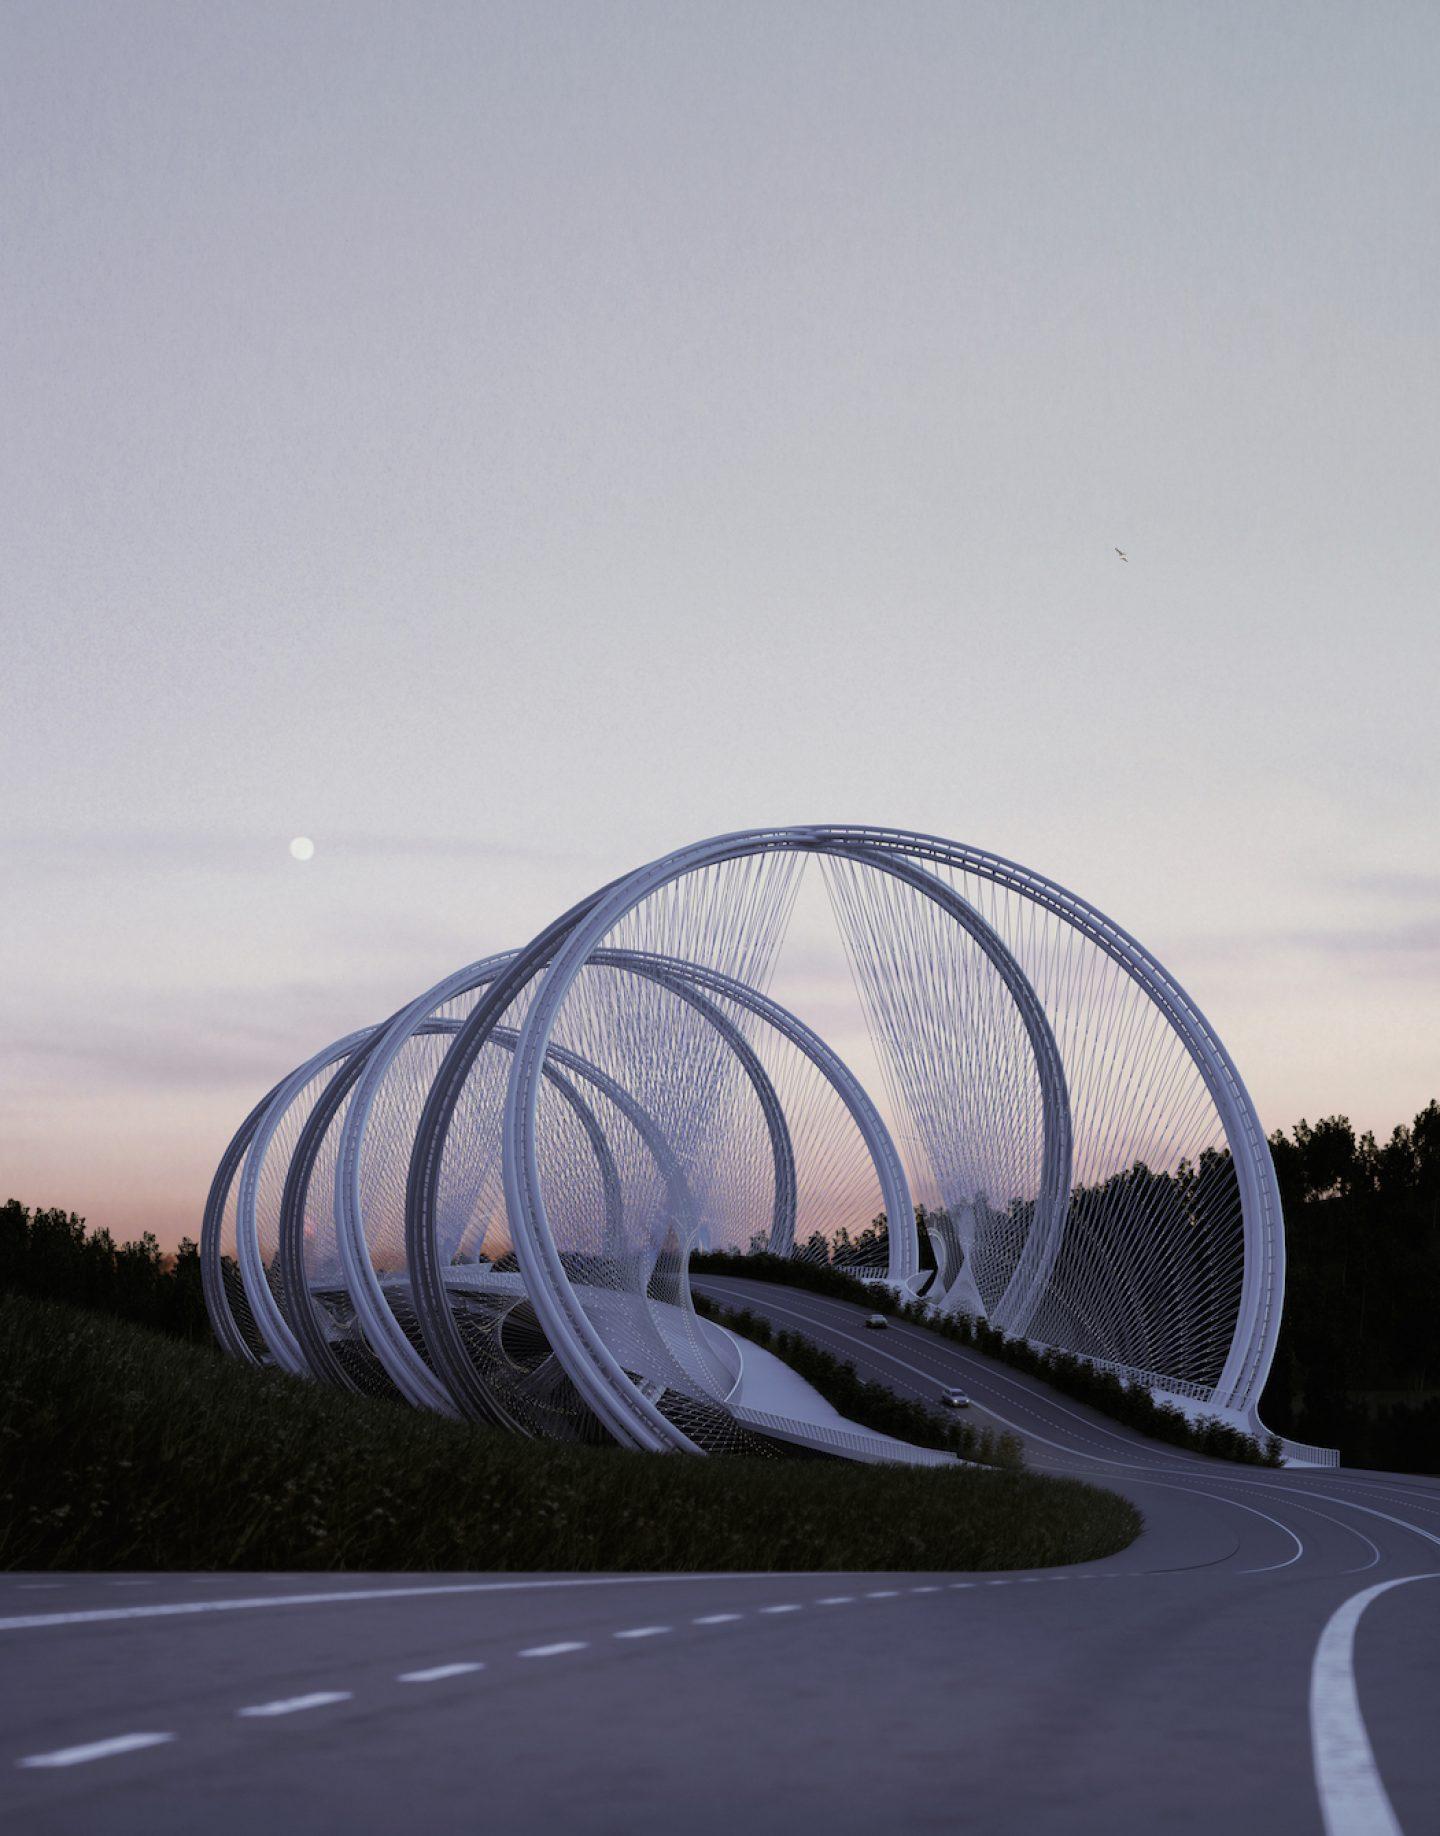 Architecture_ShanShanBridge_Penda21